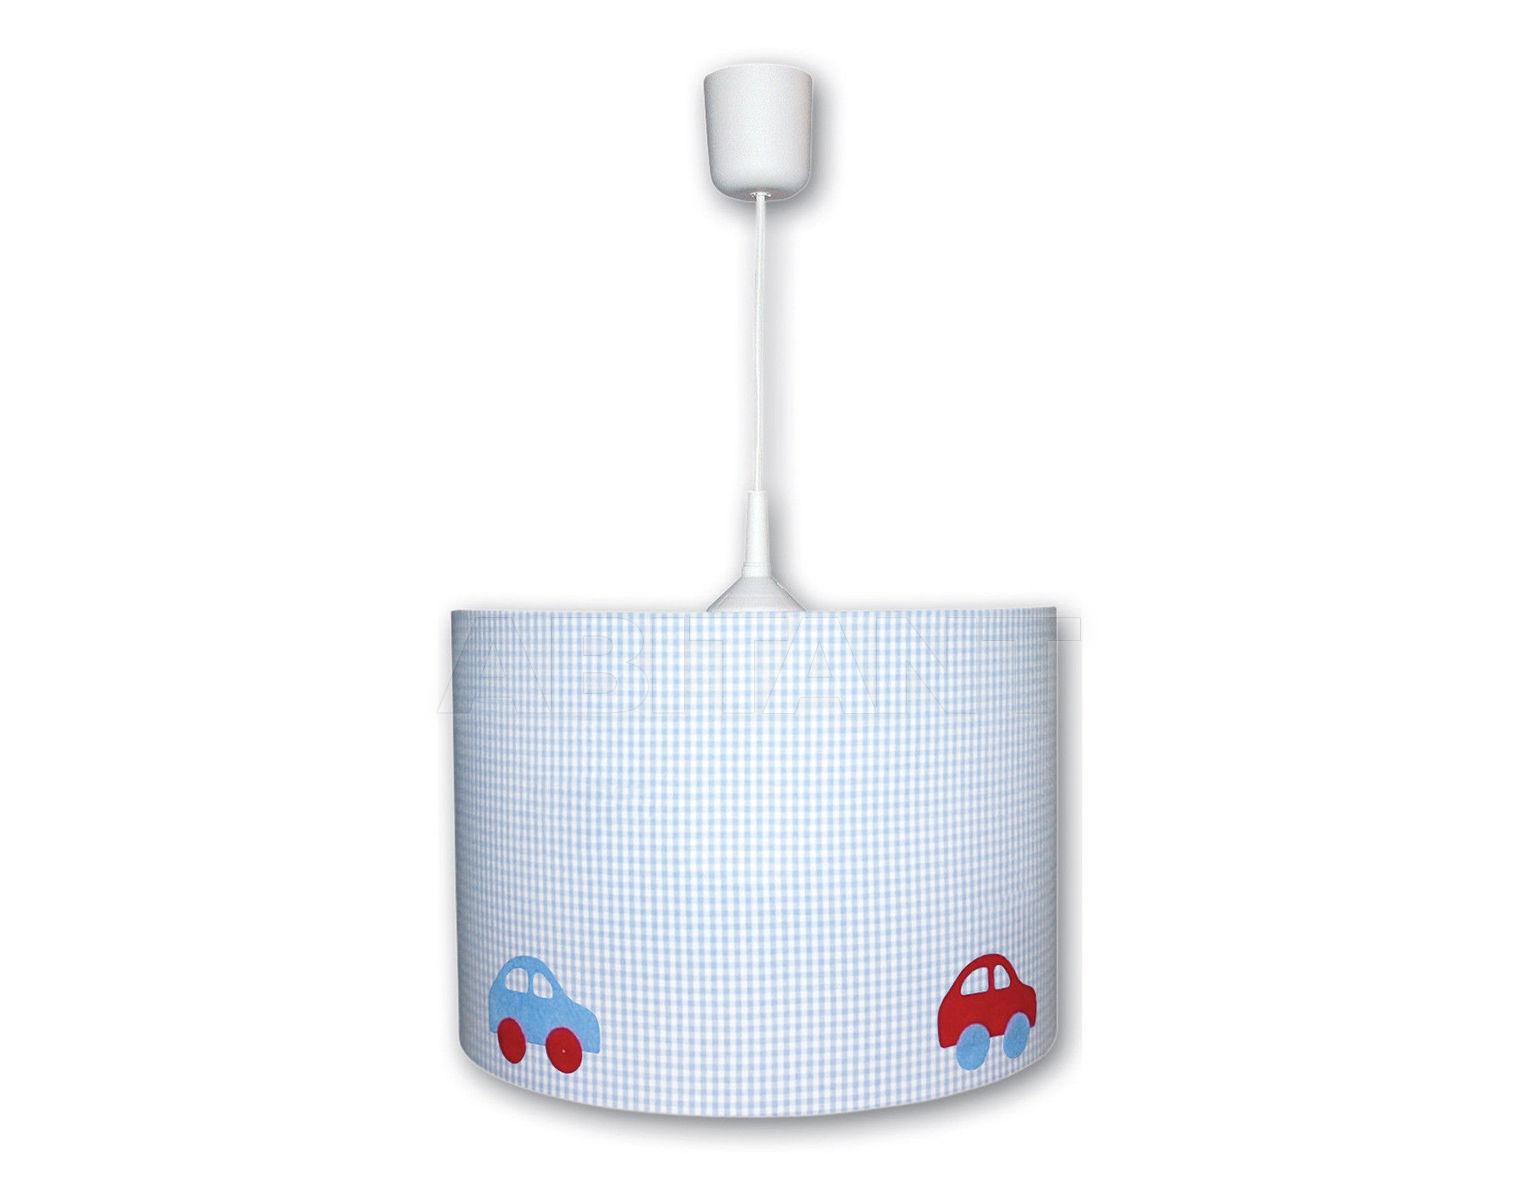 Купить Светильник для детской Waldi Leuchten Lampen Fur Kinder 2012 70269.0